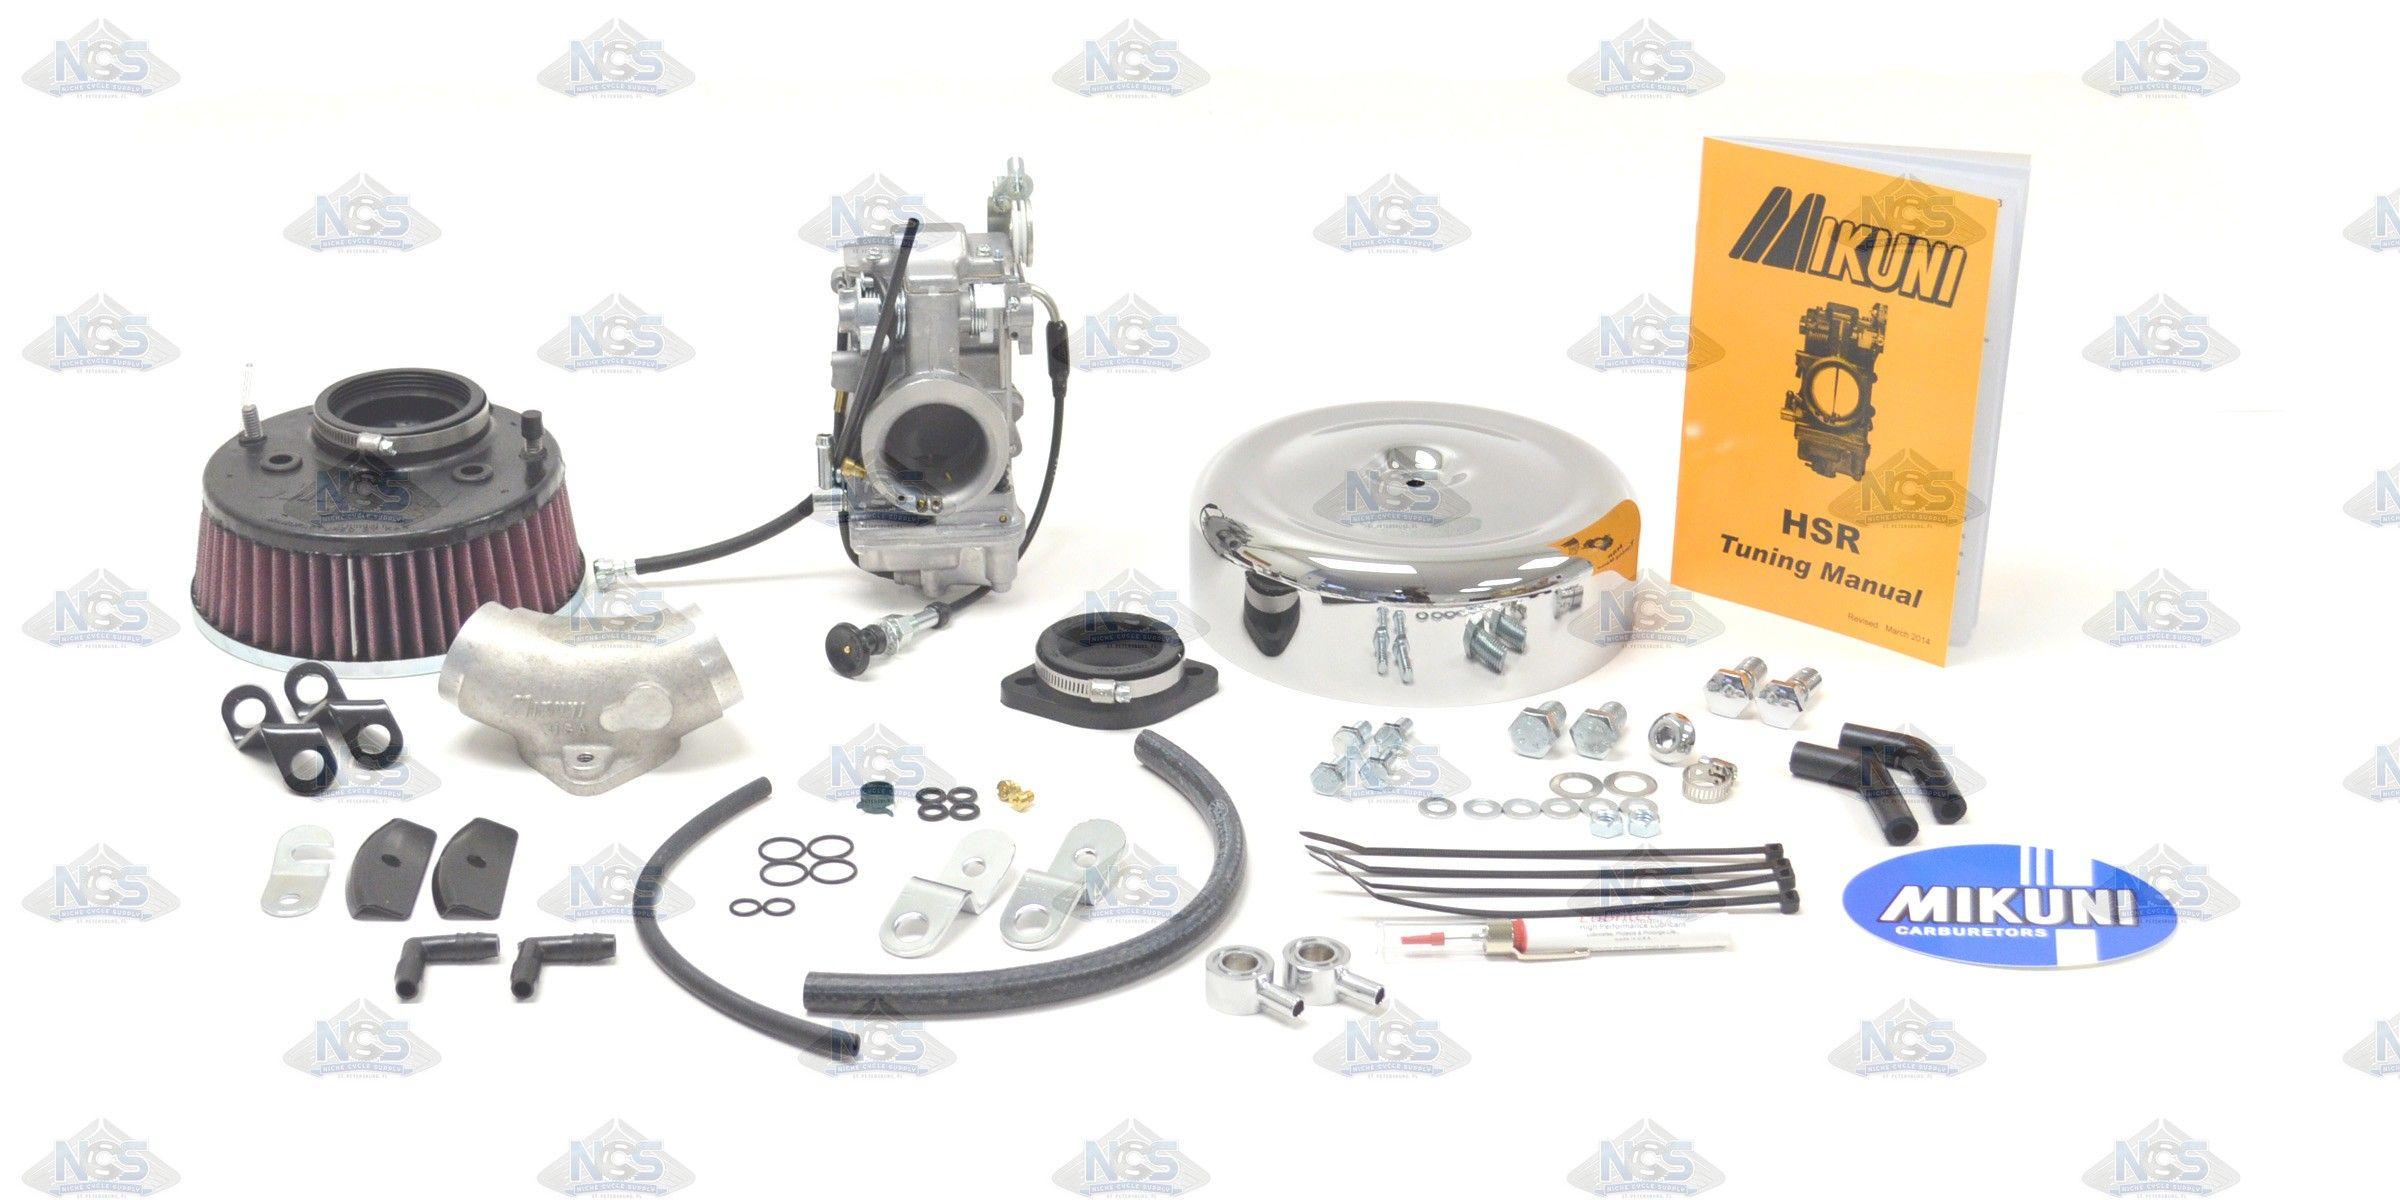 Mikuni Harley Davidson HSR42 Total Carburetor Kit Big